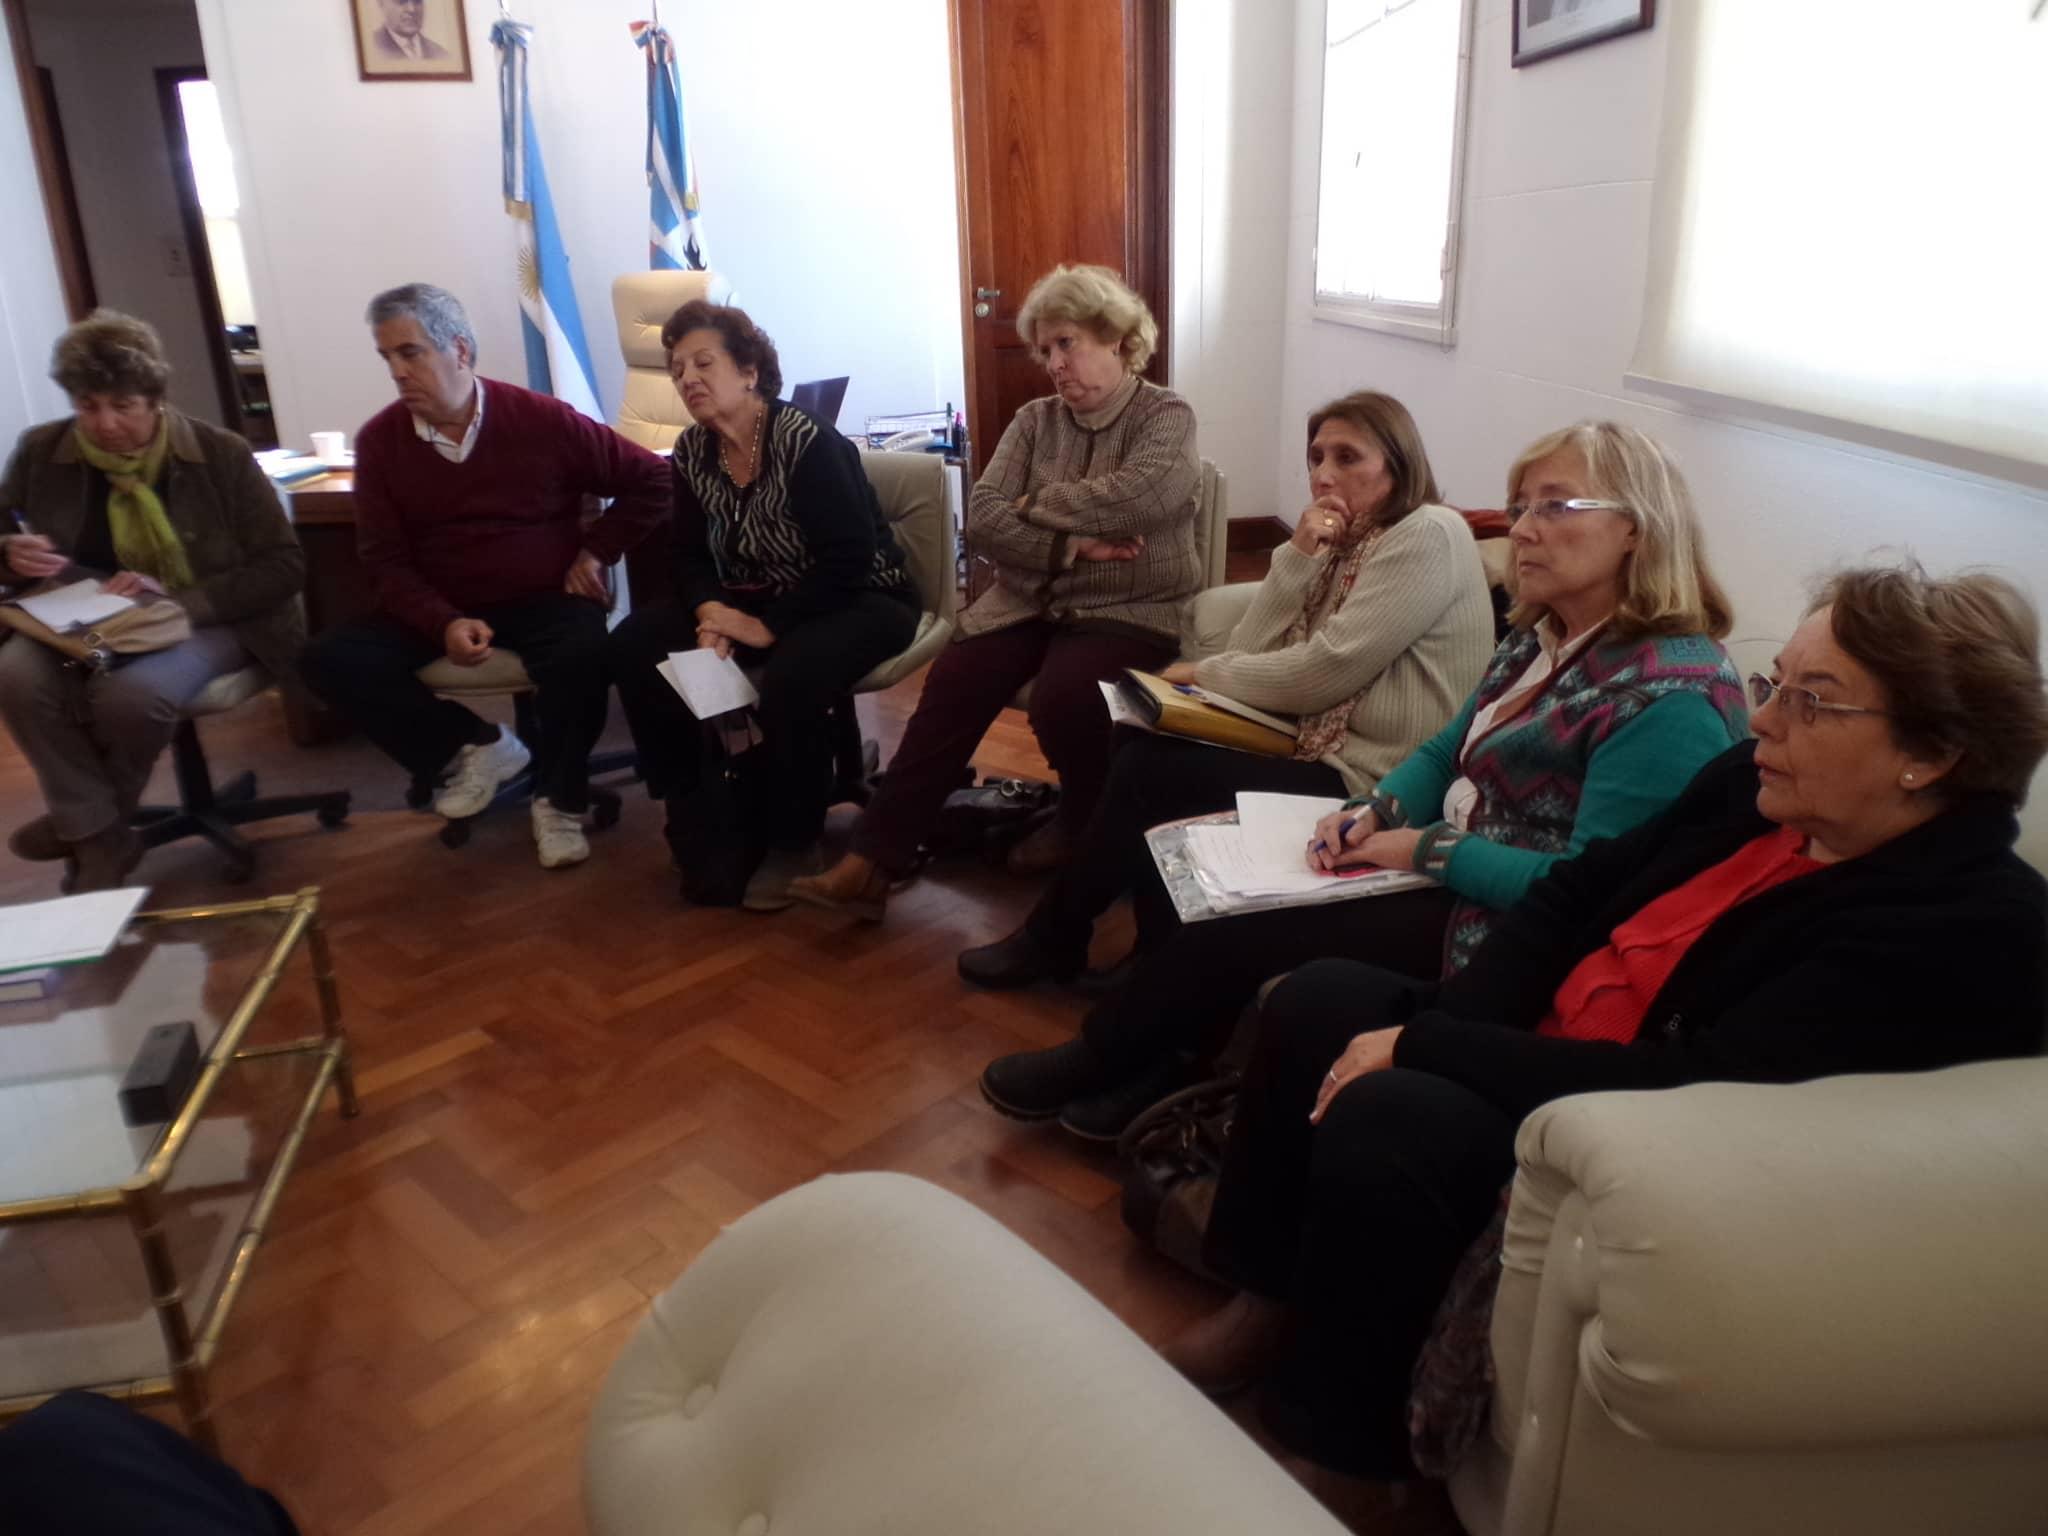 El intendente se reunió ayer con la comisión directiva del Taller Peñi Hue